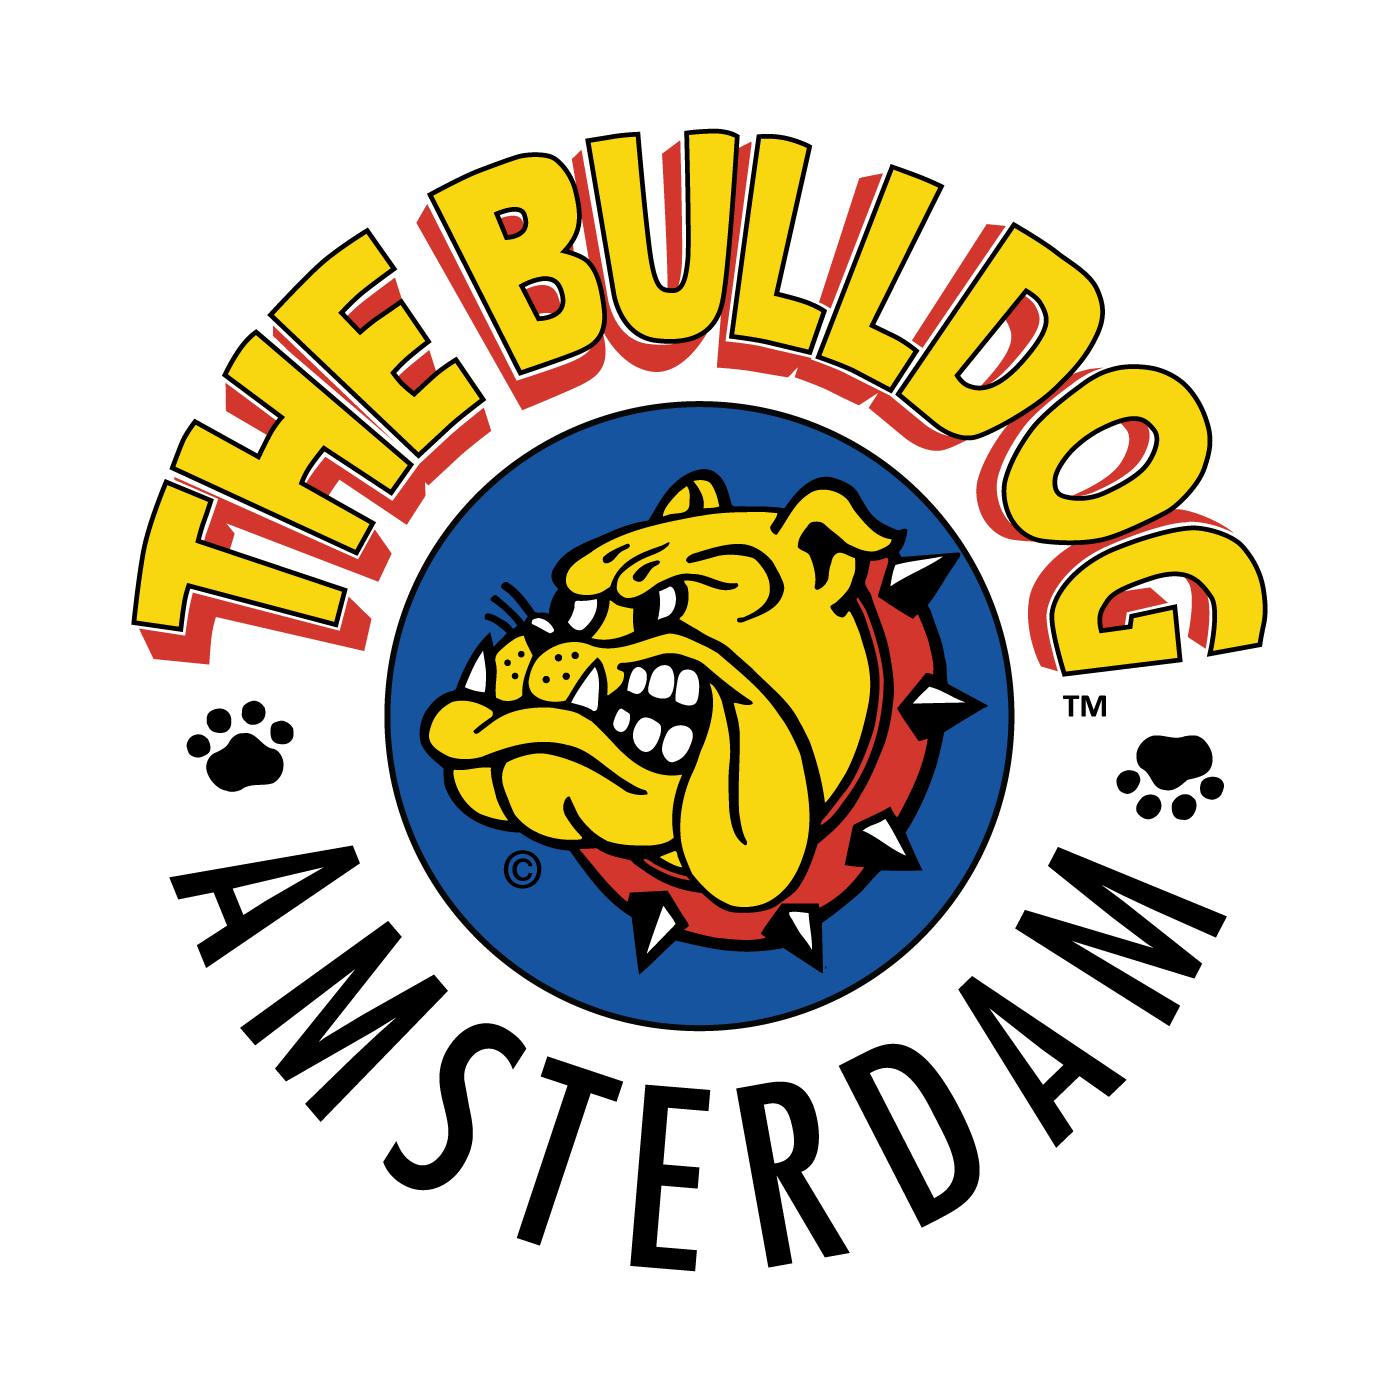 The Bulldog - A Cannabis coffee shop empire | thebulldog.com (Logo)